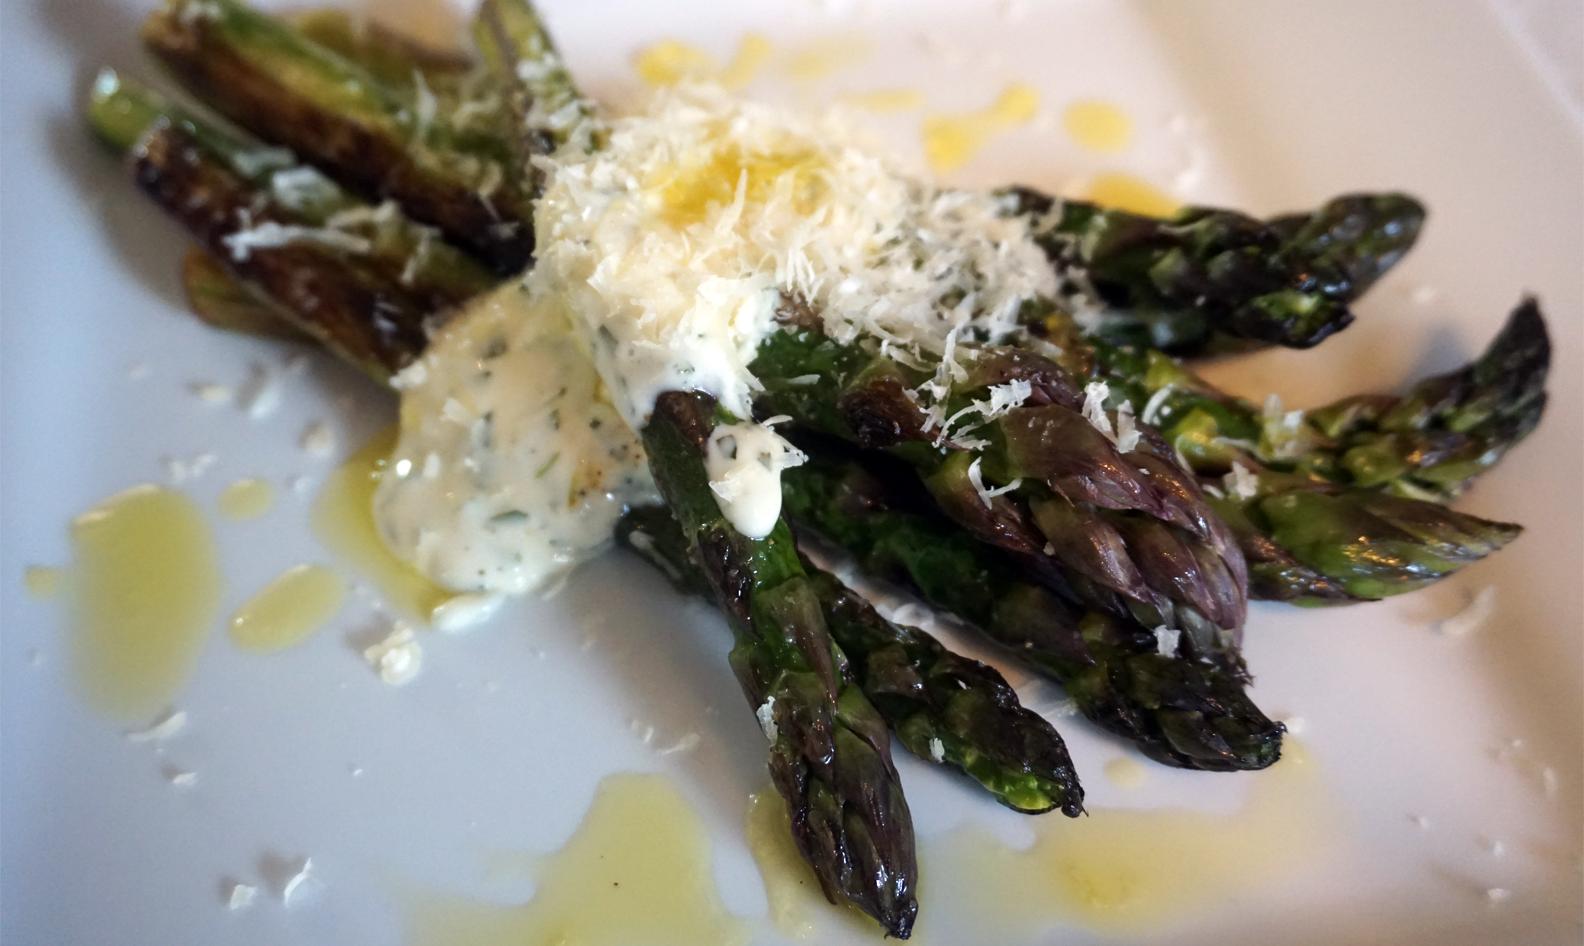 Seared asparagus with easy aioli